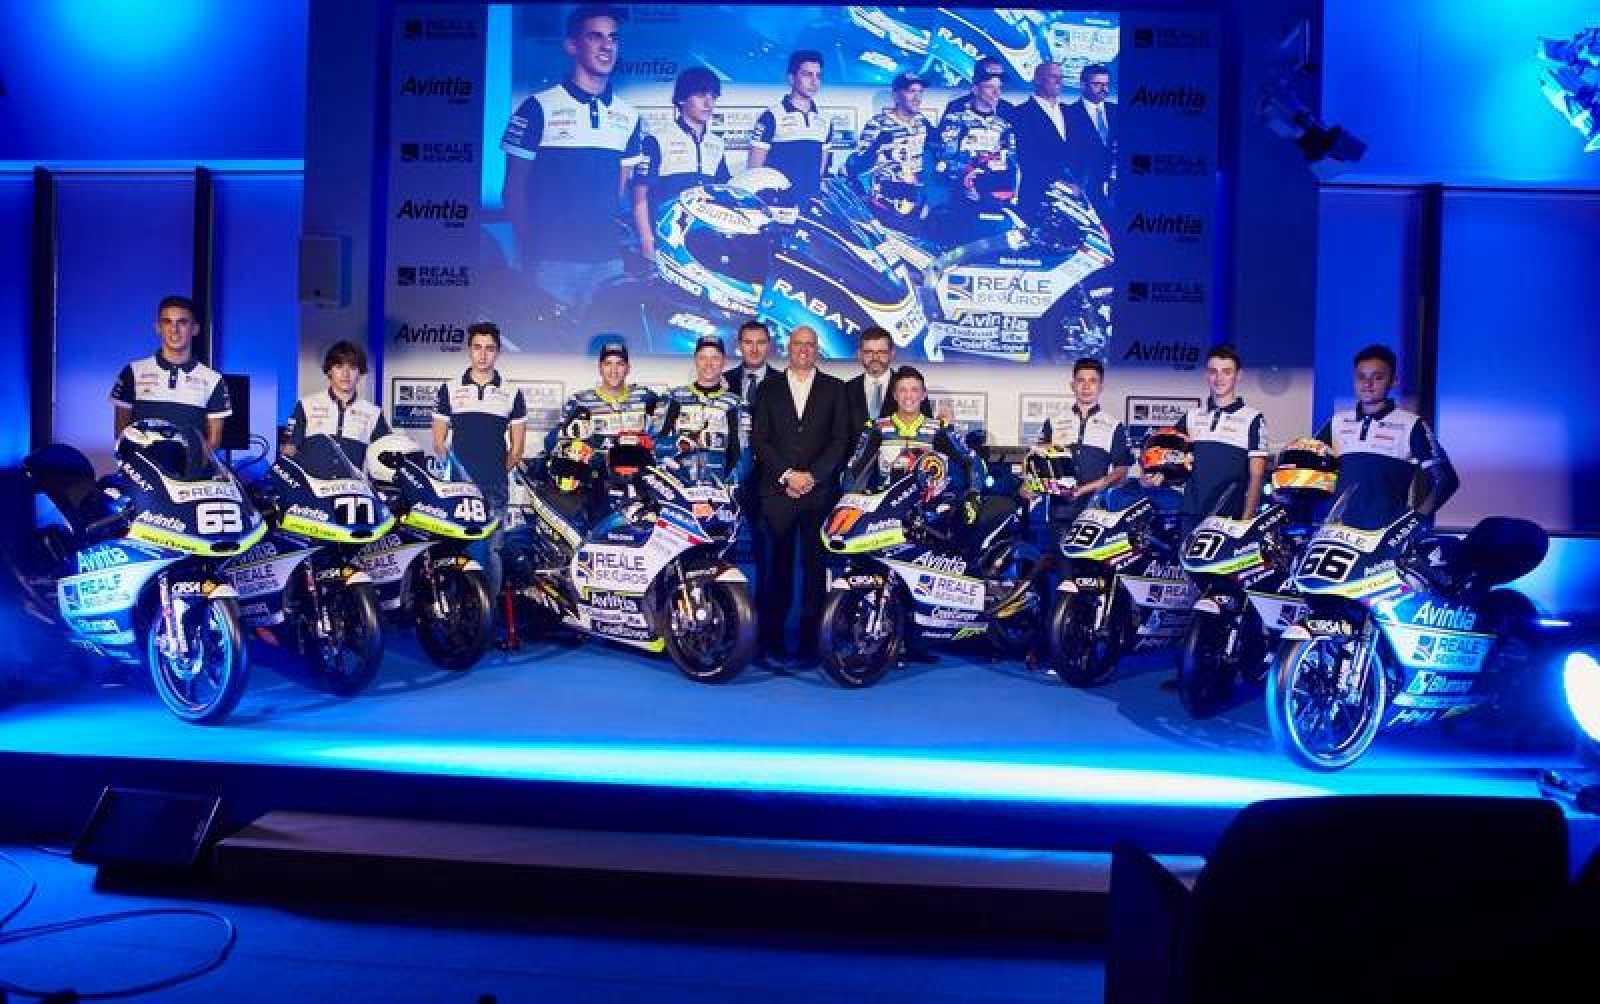 Fotografía de presentación del equipo Reale Avintia